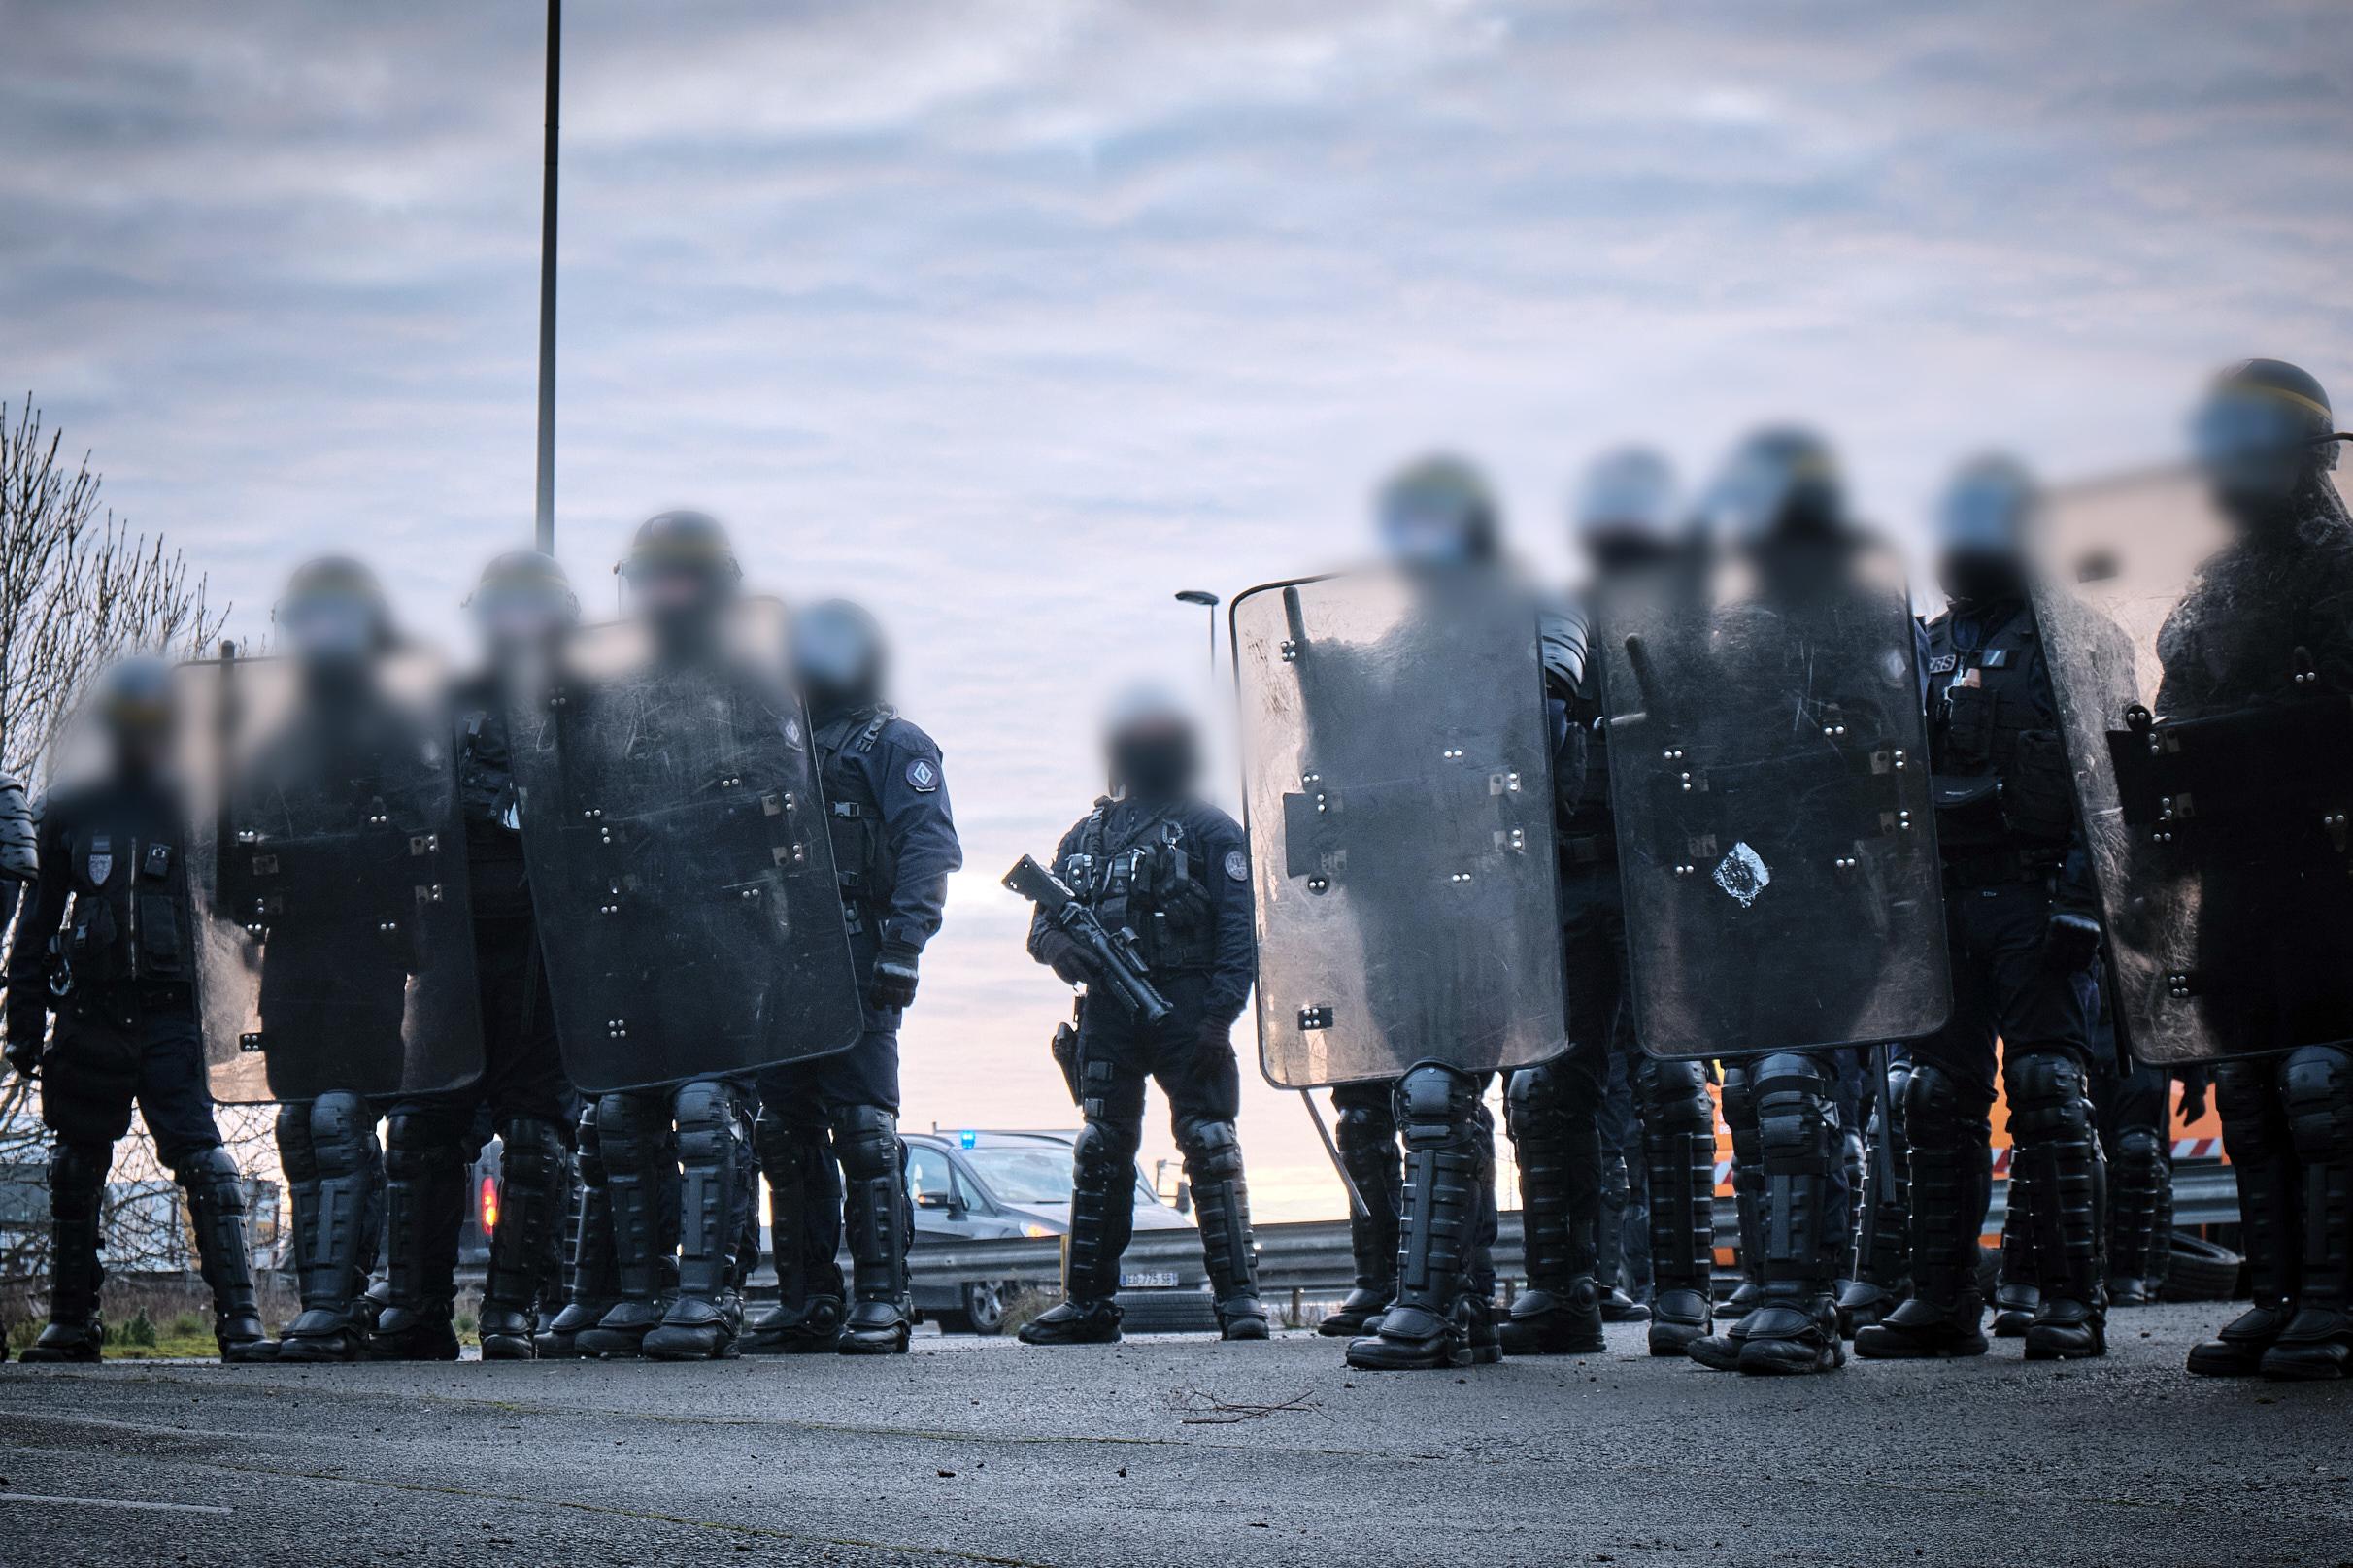 Forces de l'ordre police visage flou photo loi sécurité globale